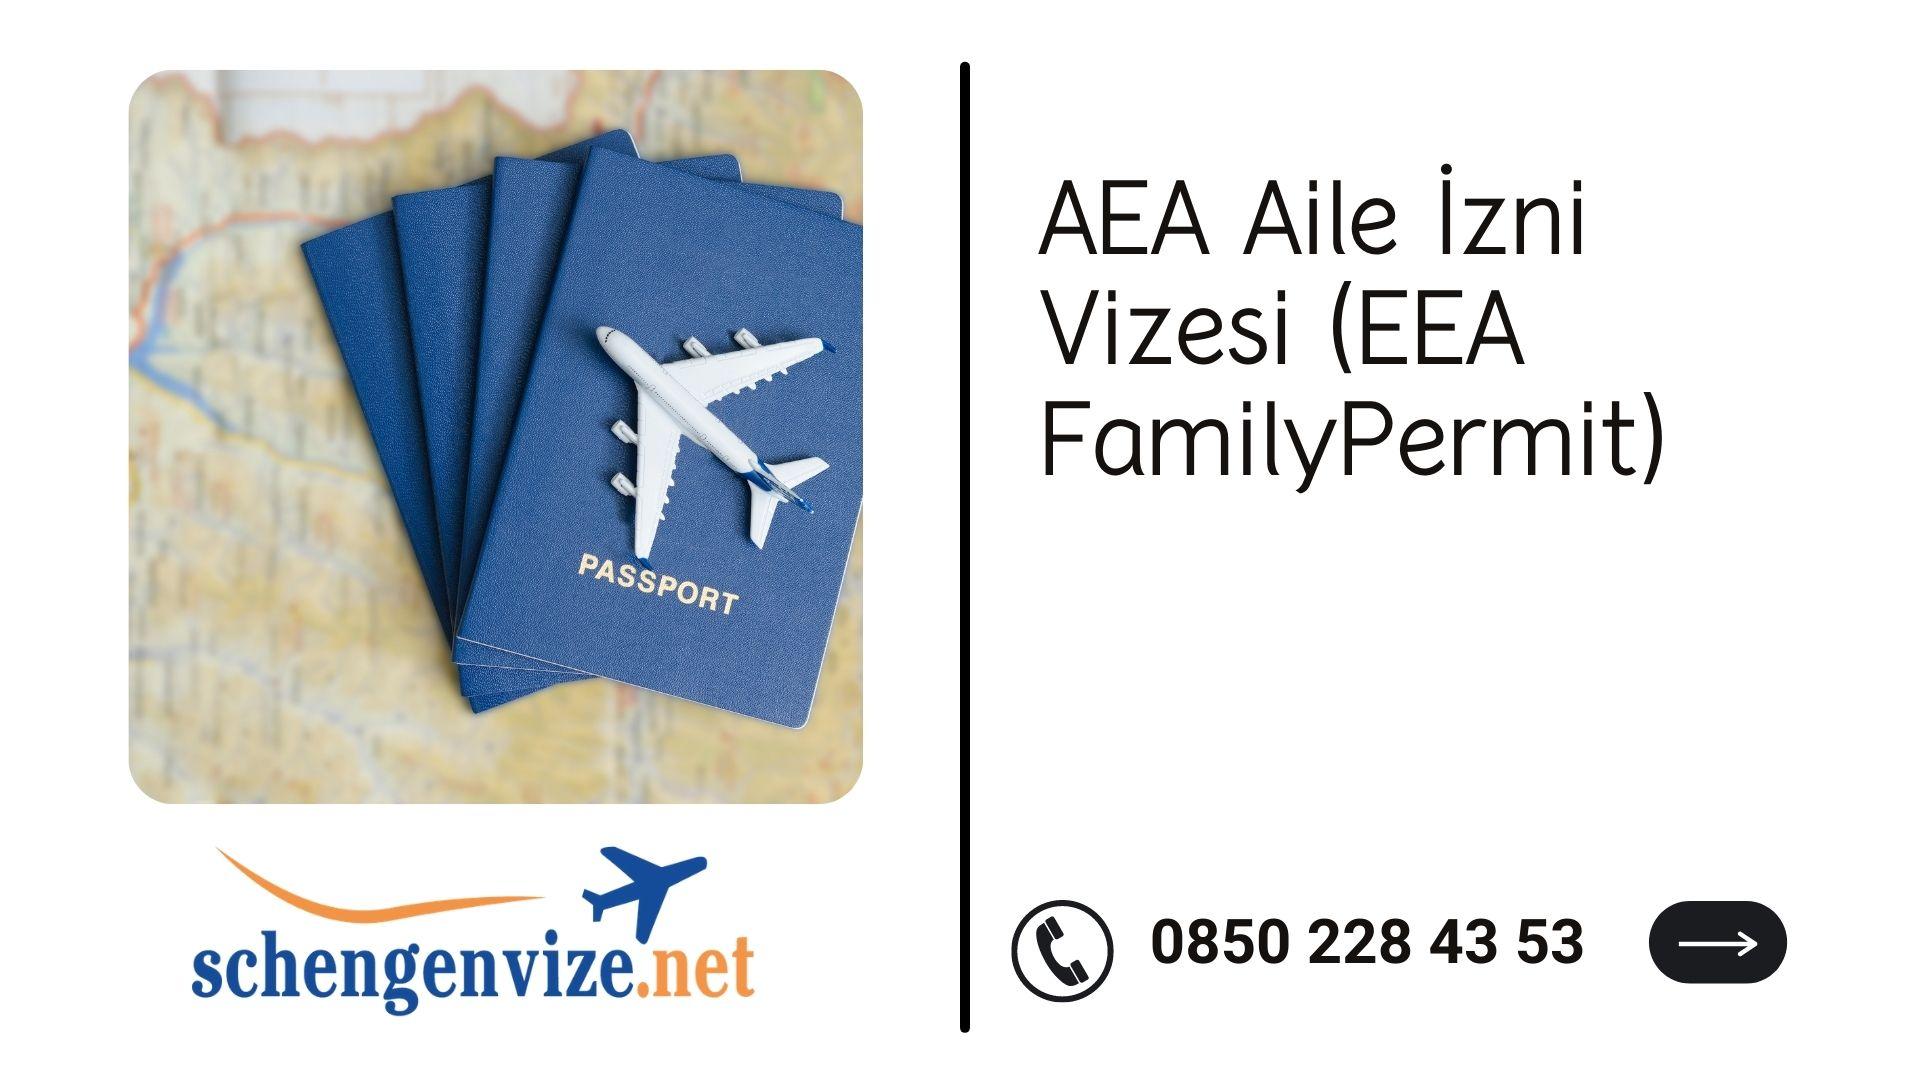 AEA Aile İzni Vizesi (EEA Family Permit)